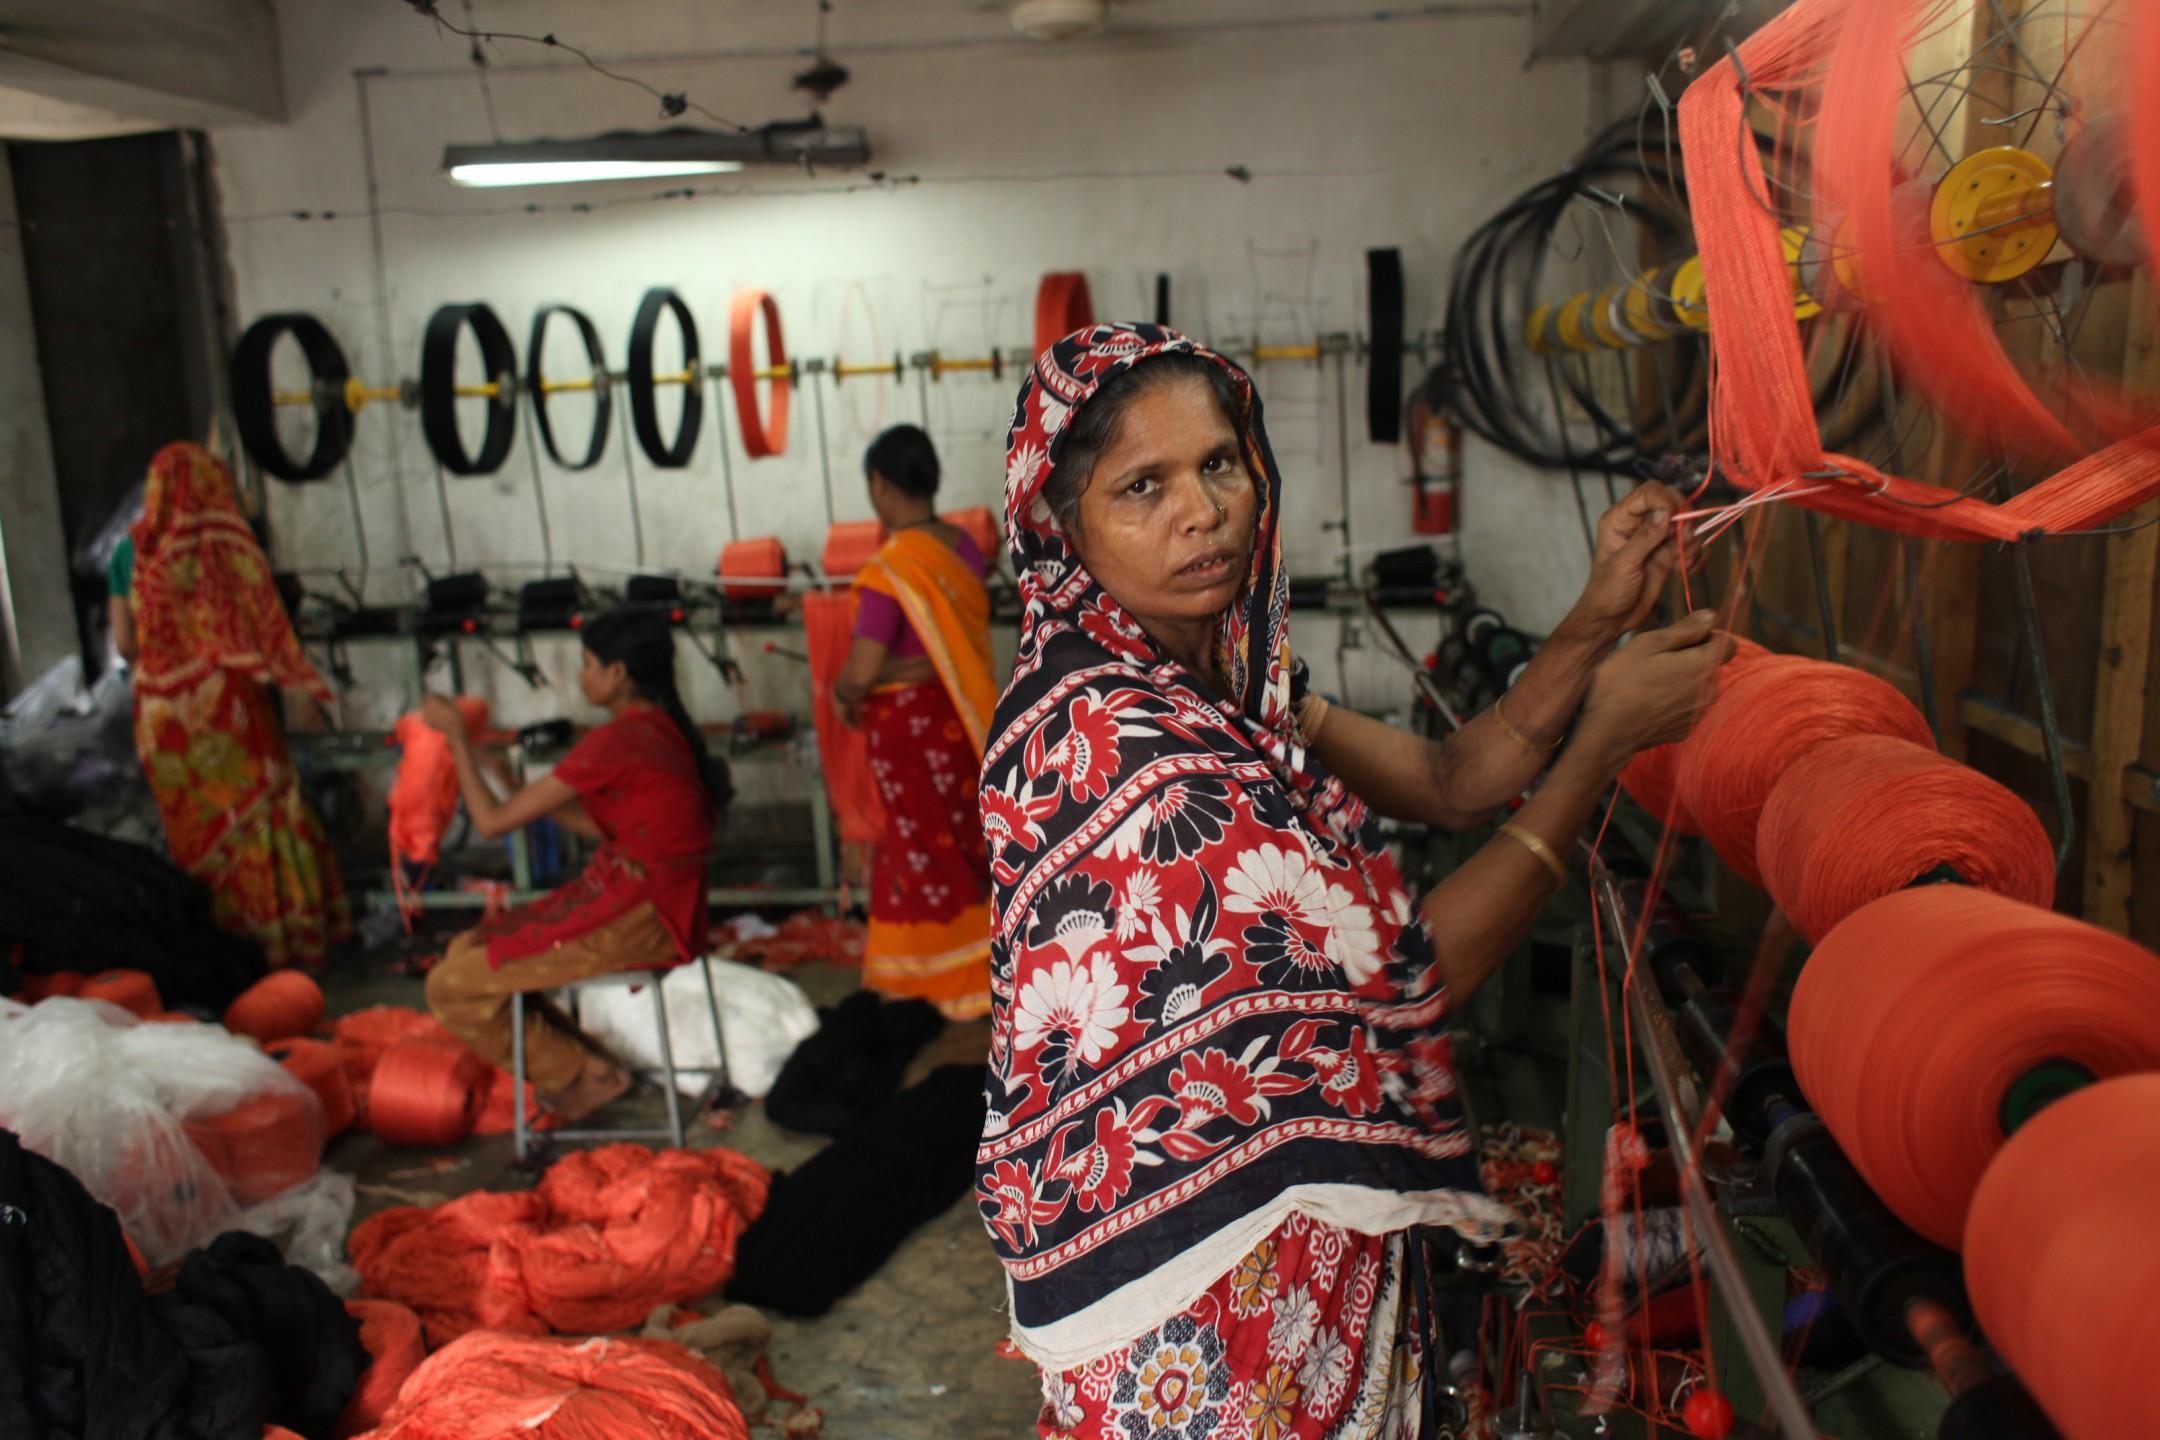 miljoenen vrouwen in de kledingindustrie in Bangladesh en India worden geintimideerd